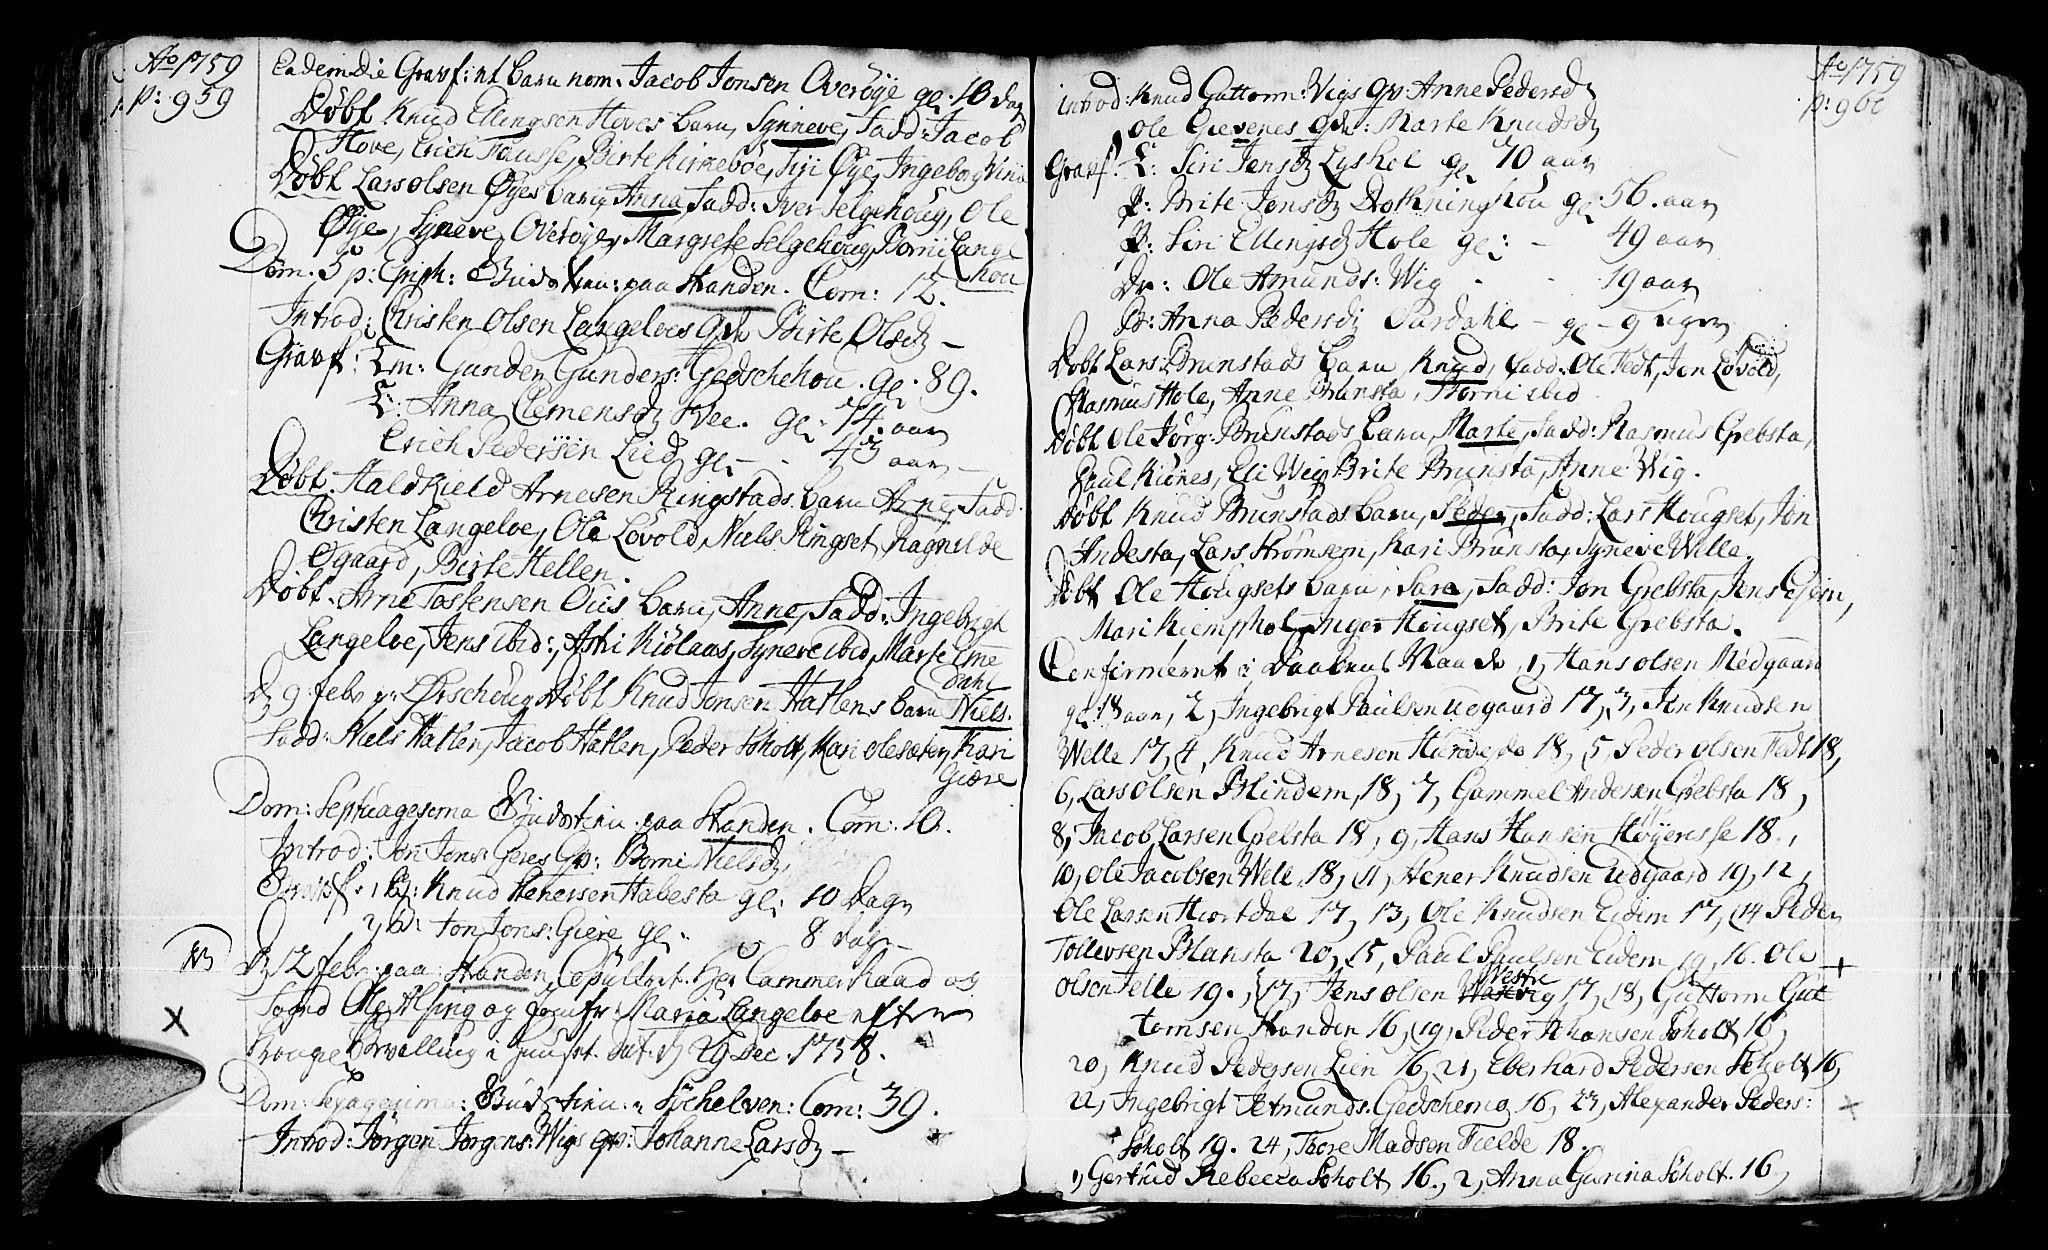 SAT, Ministerialprotokoller, klokkerbøker og fødselsregistre - Møre og Romsdal, 522/L0307: Ministerialbok nr. 522A02, 1743-1773, s. 959-960